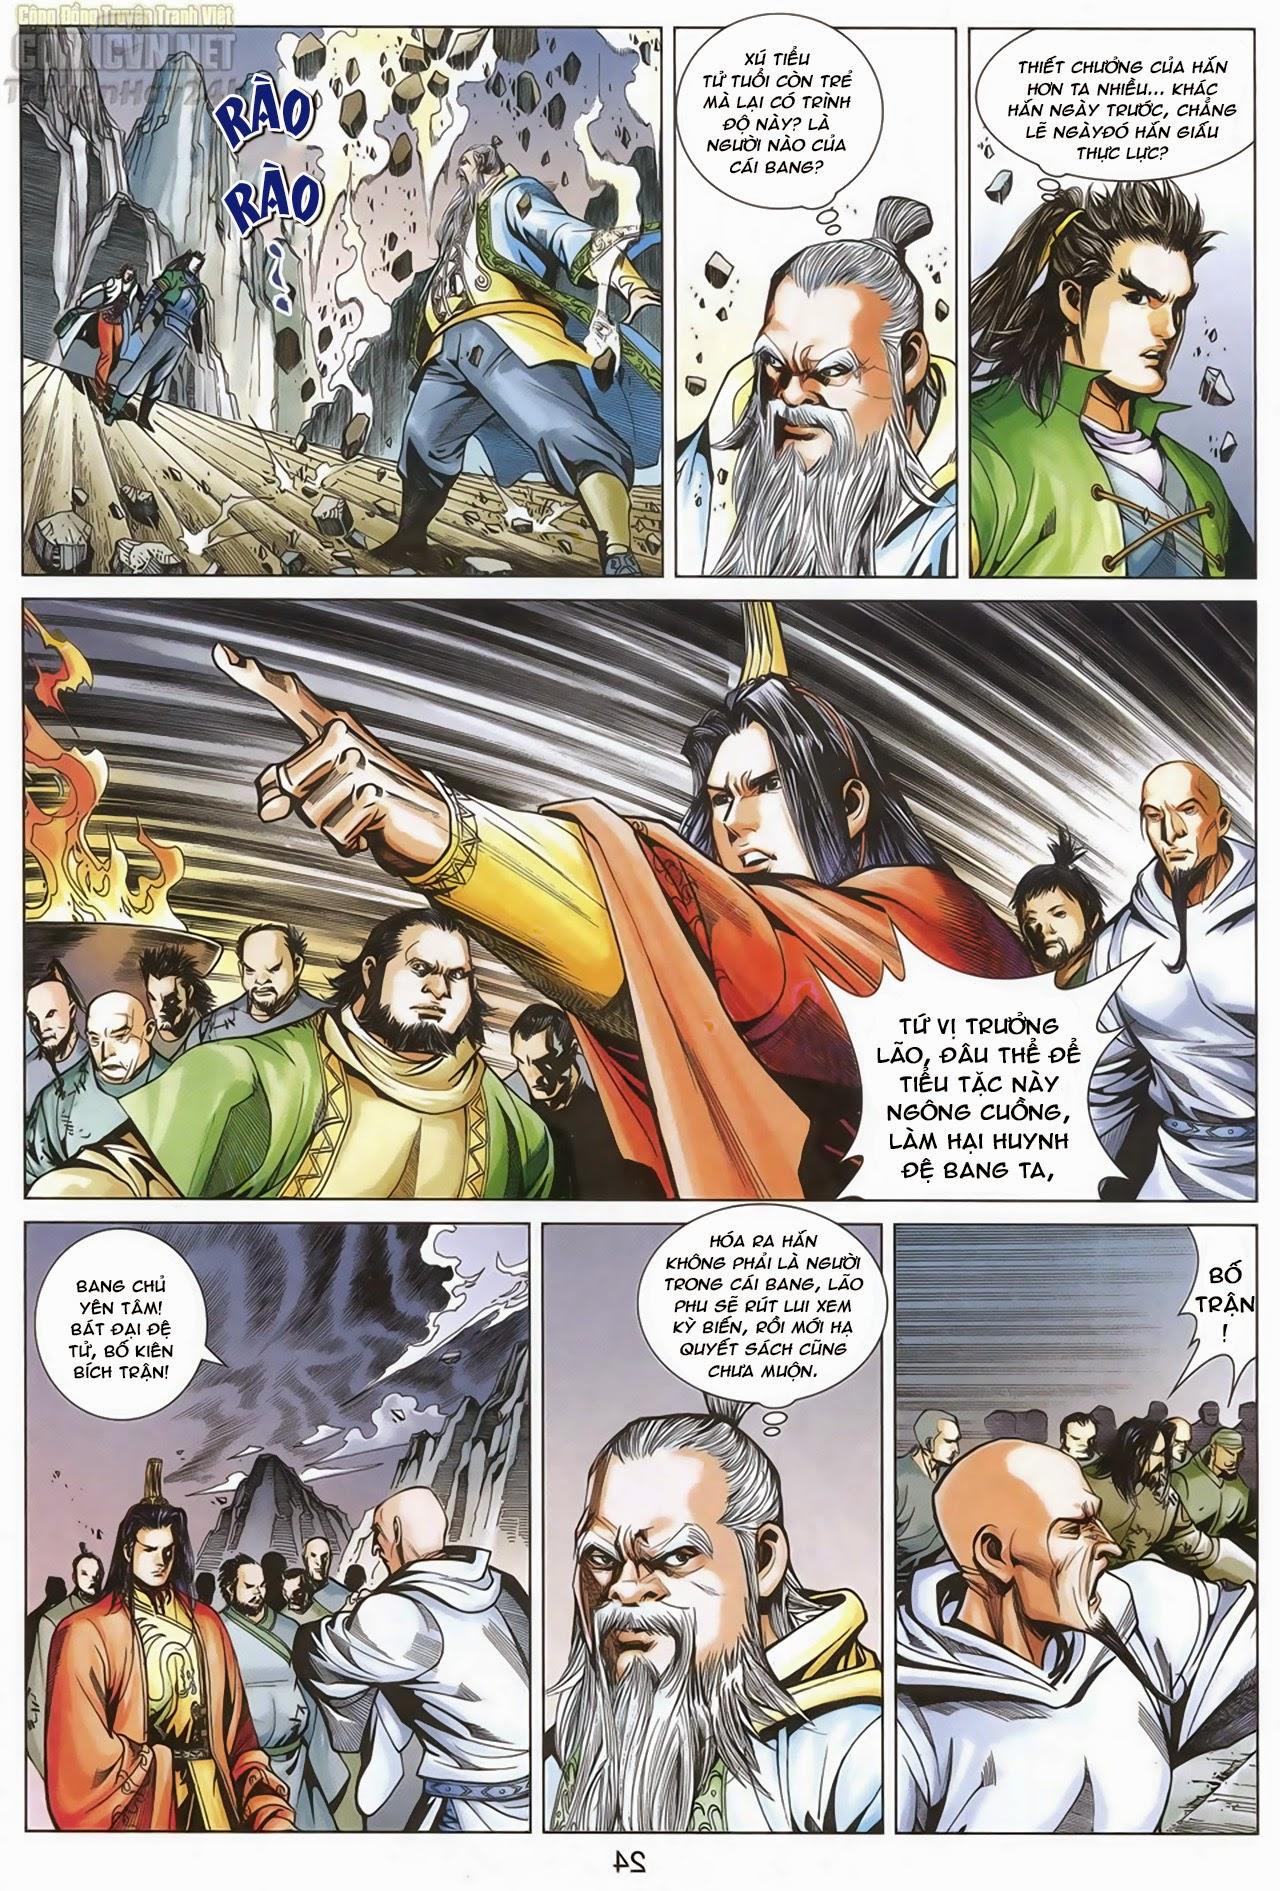 xem truyen moi - Anh Hùng Xạ Điêu - Chapter 67: Quyết chiến Hiên Viên Đài